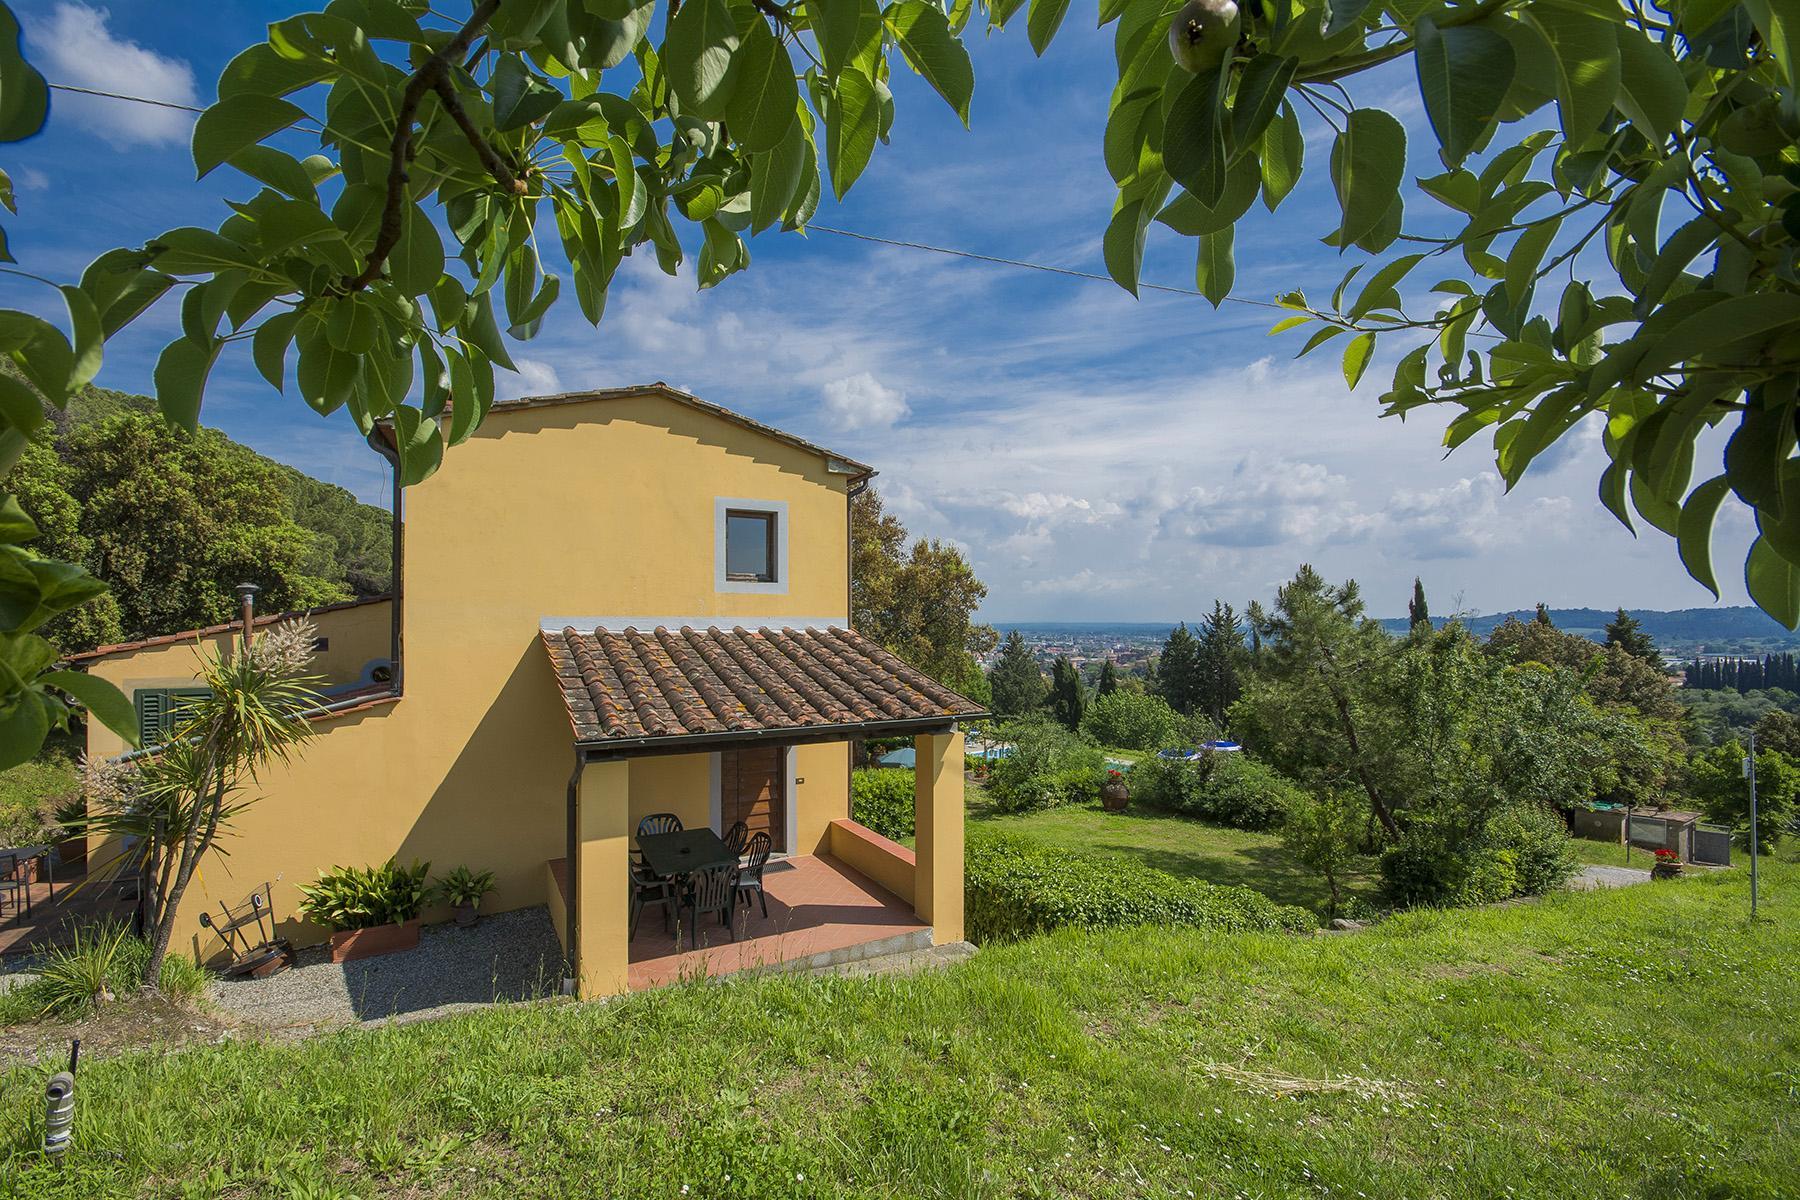 Belle maison de campagne dans les collines de Pescia - 35